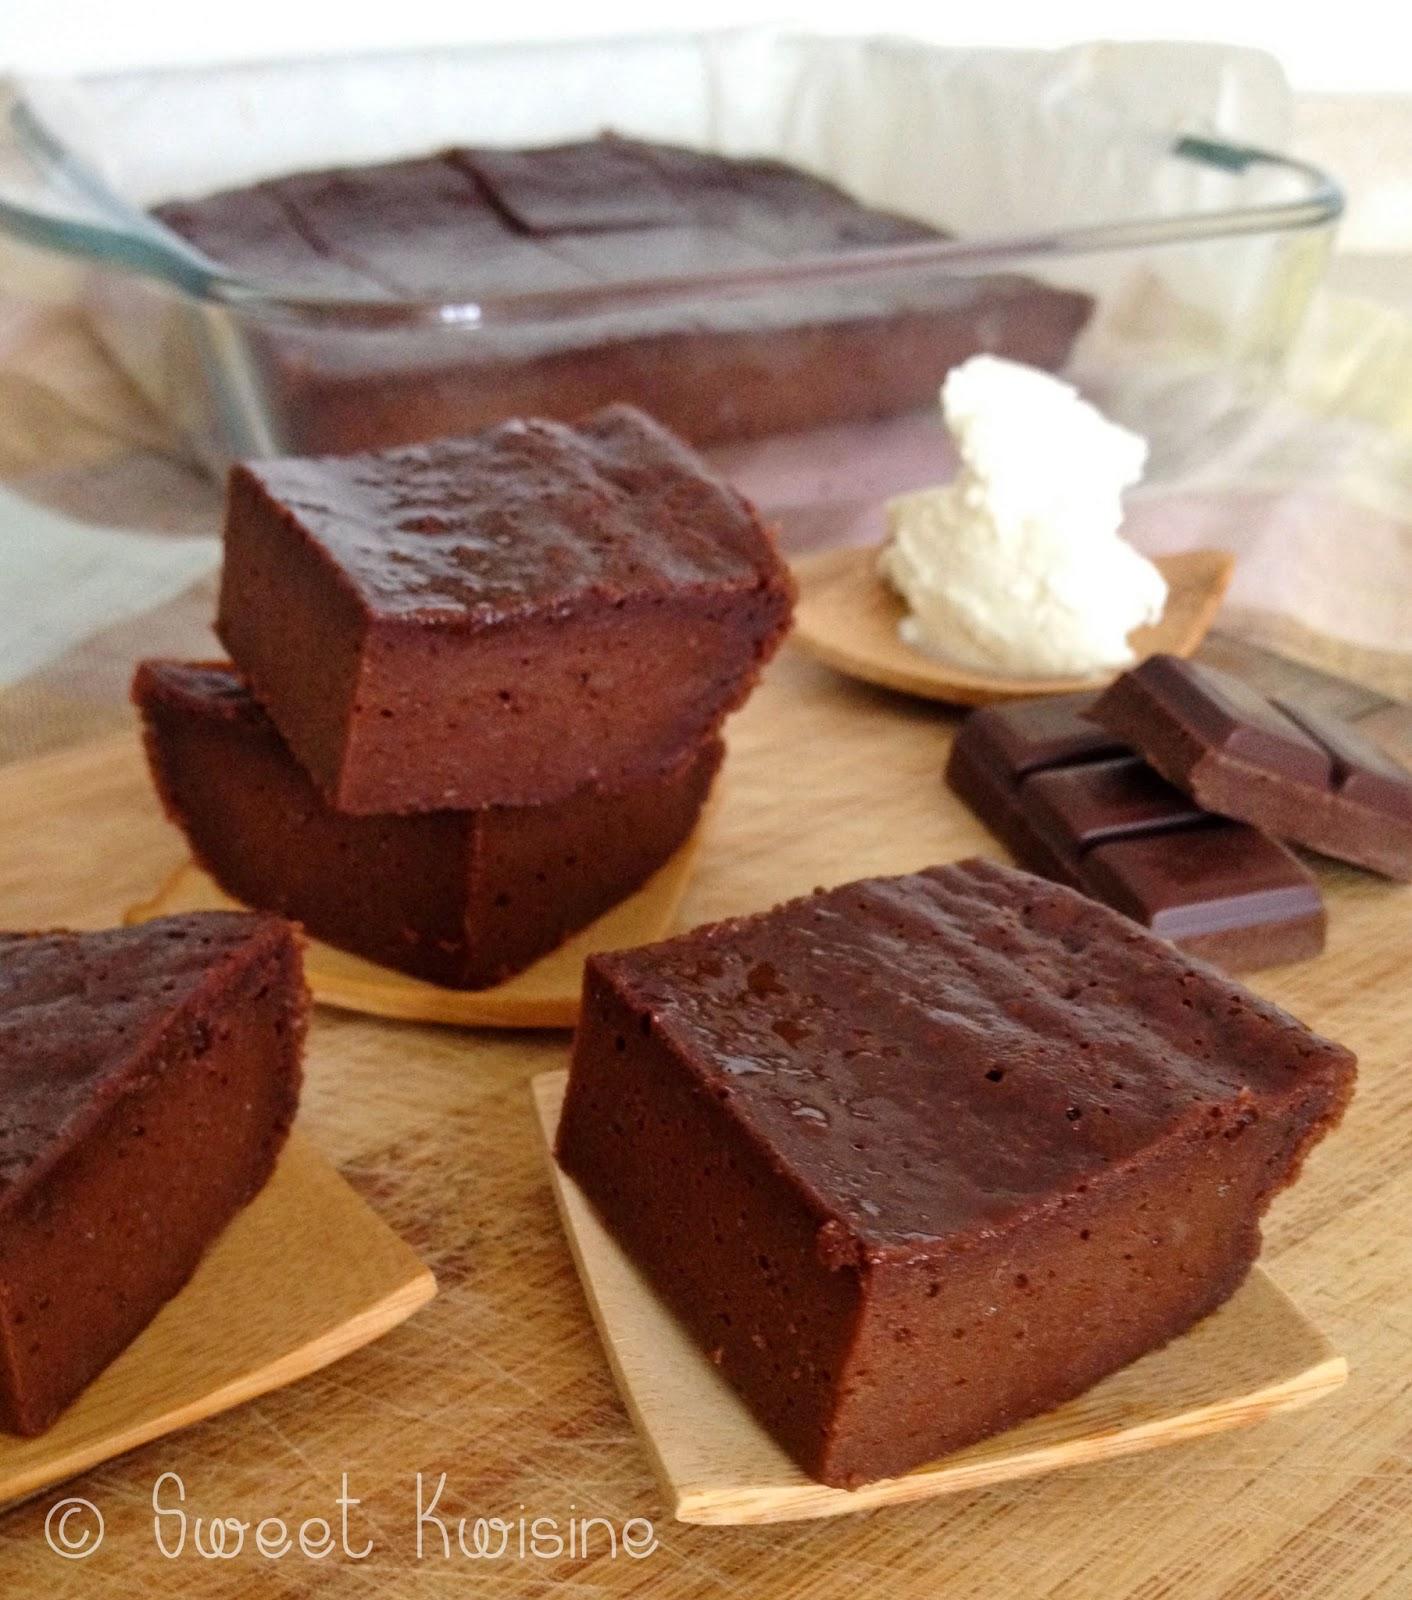 Sweet Kwisine, gâteau, healthy food, chocolat, mascarpone, no butter, sans beurre, cuisine légère, végétarien, cyril lignac